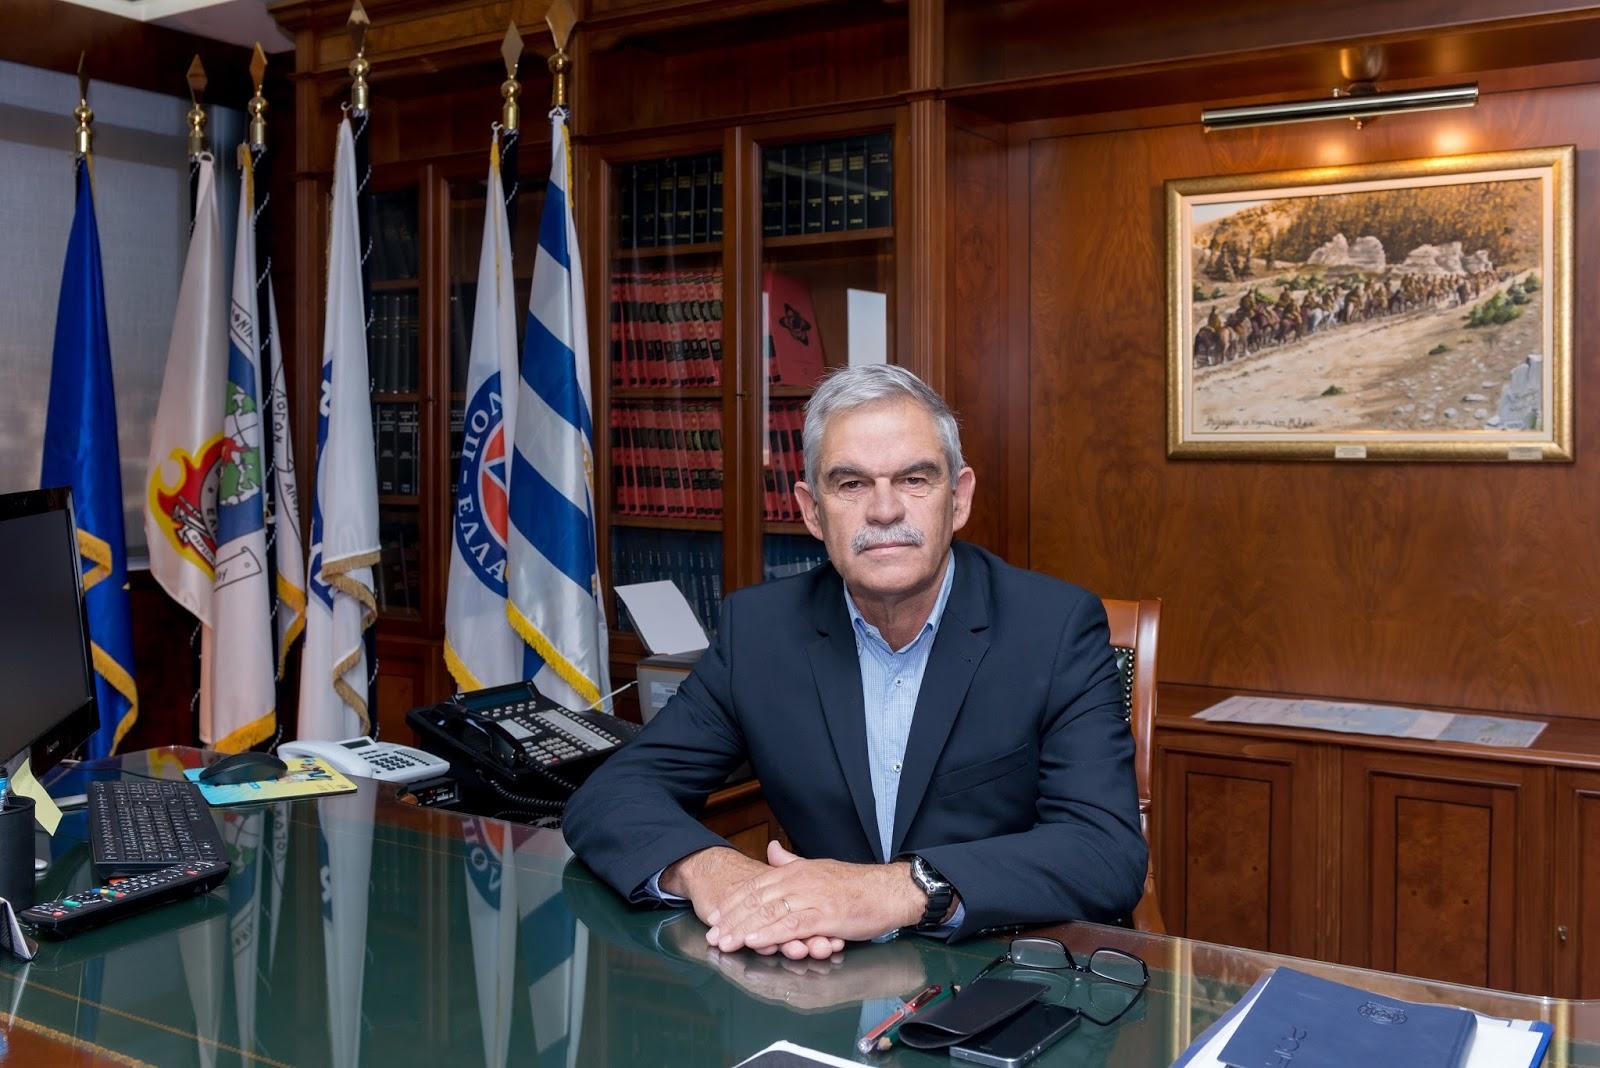 Αποτέλεσμα εικόνας για ή Υπουργού Προστασίας του Πολίτη κ. Νίκου Τόσκα: